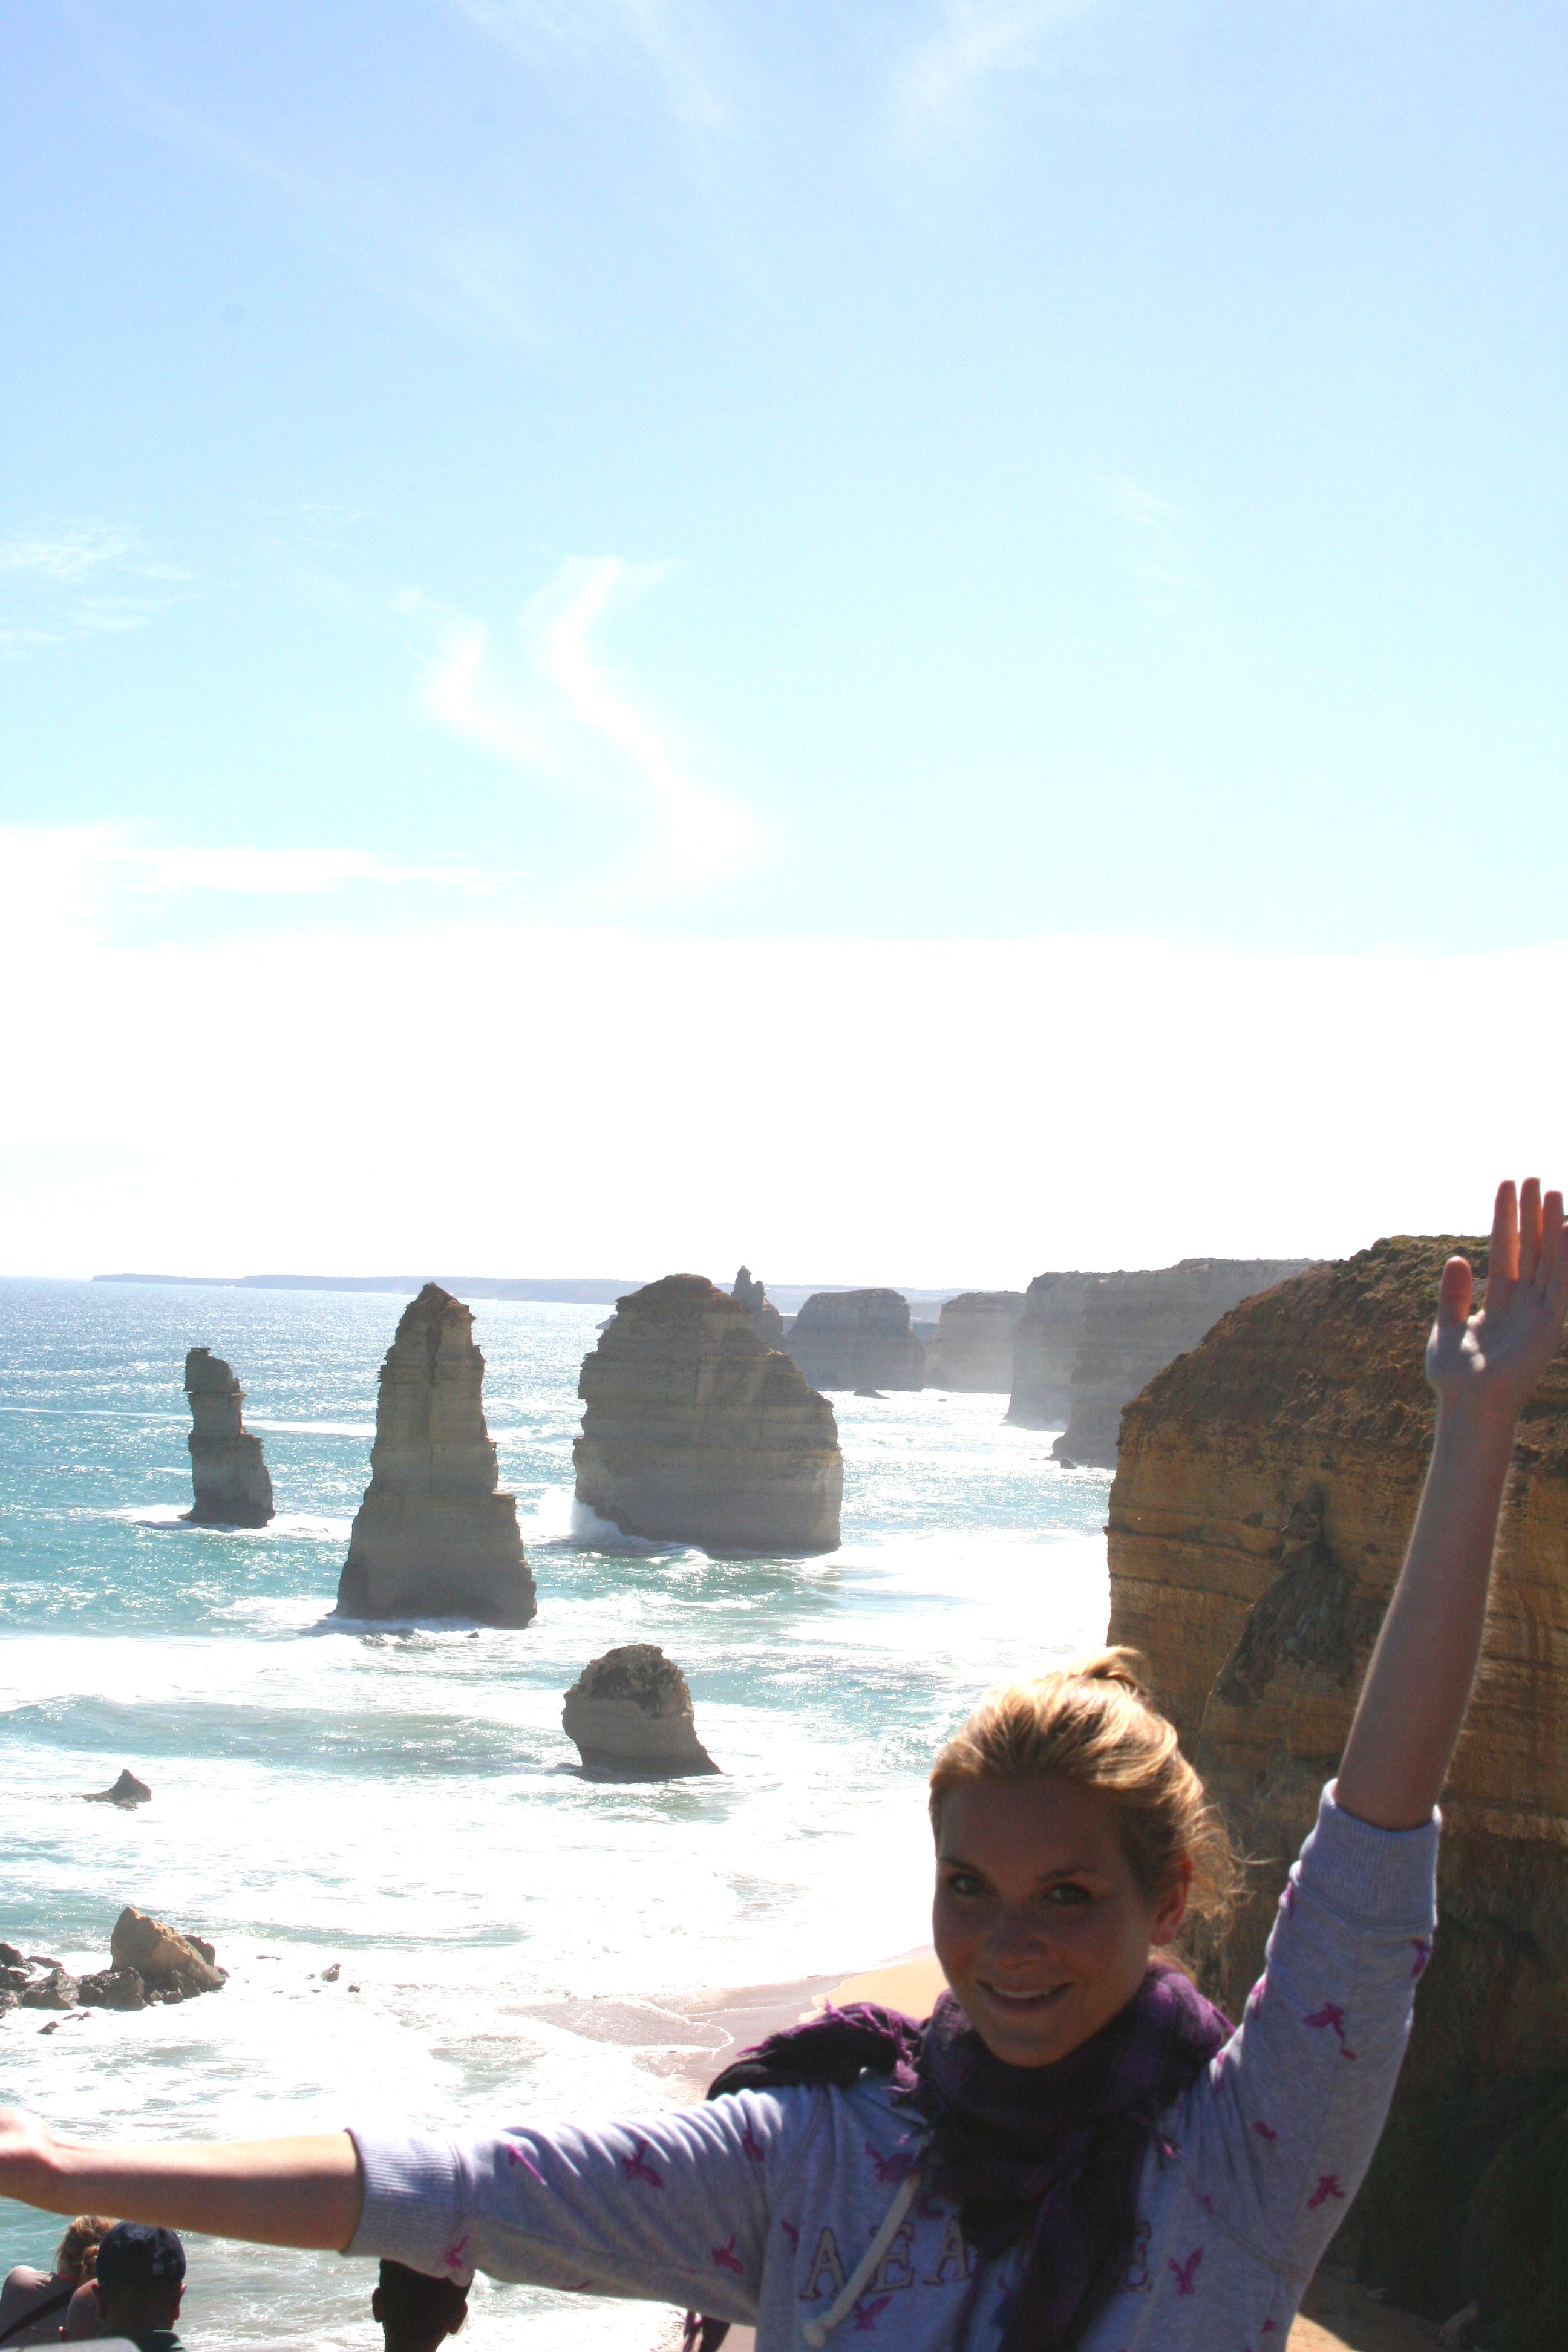 Rahmen Great Ocean Road, Australia